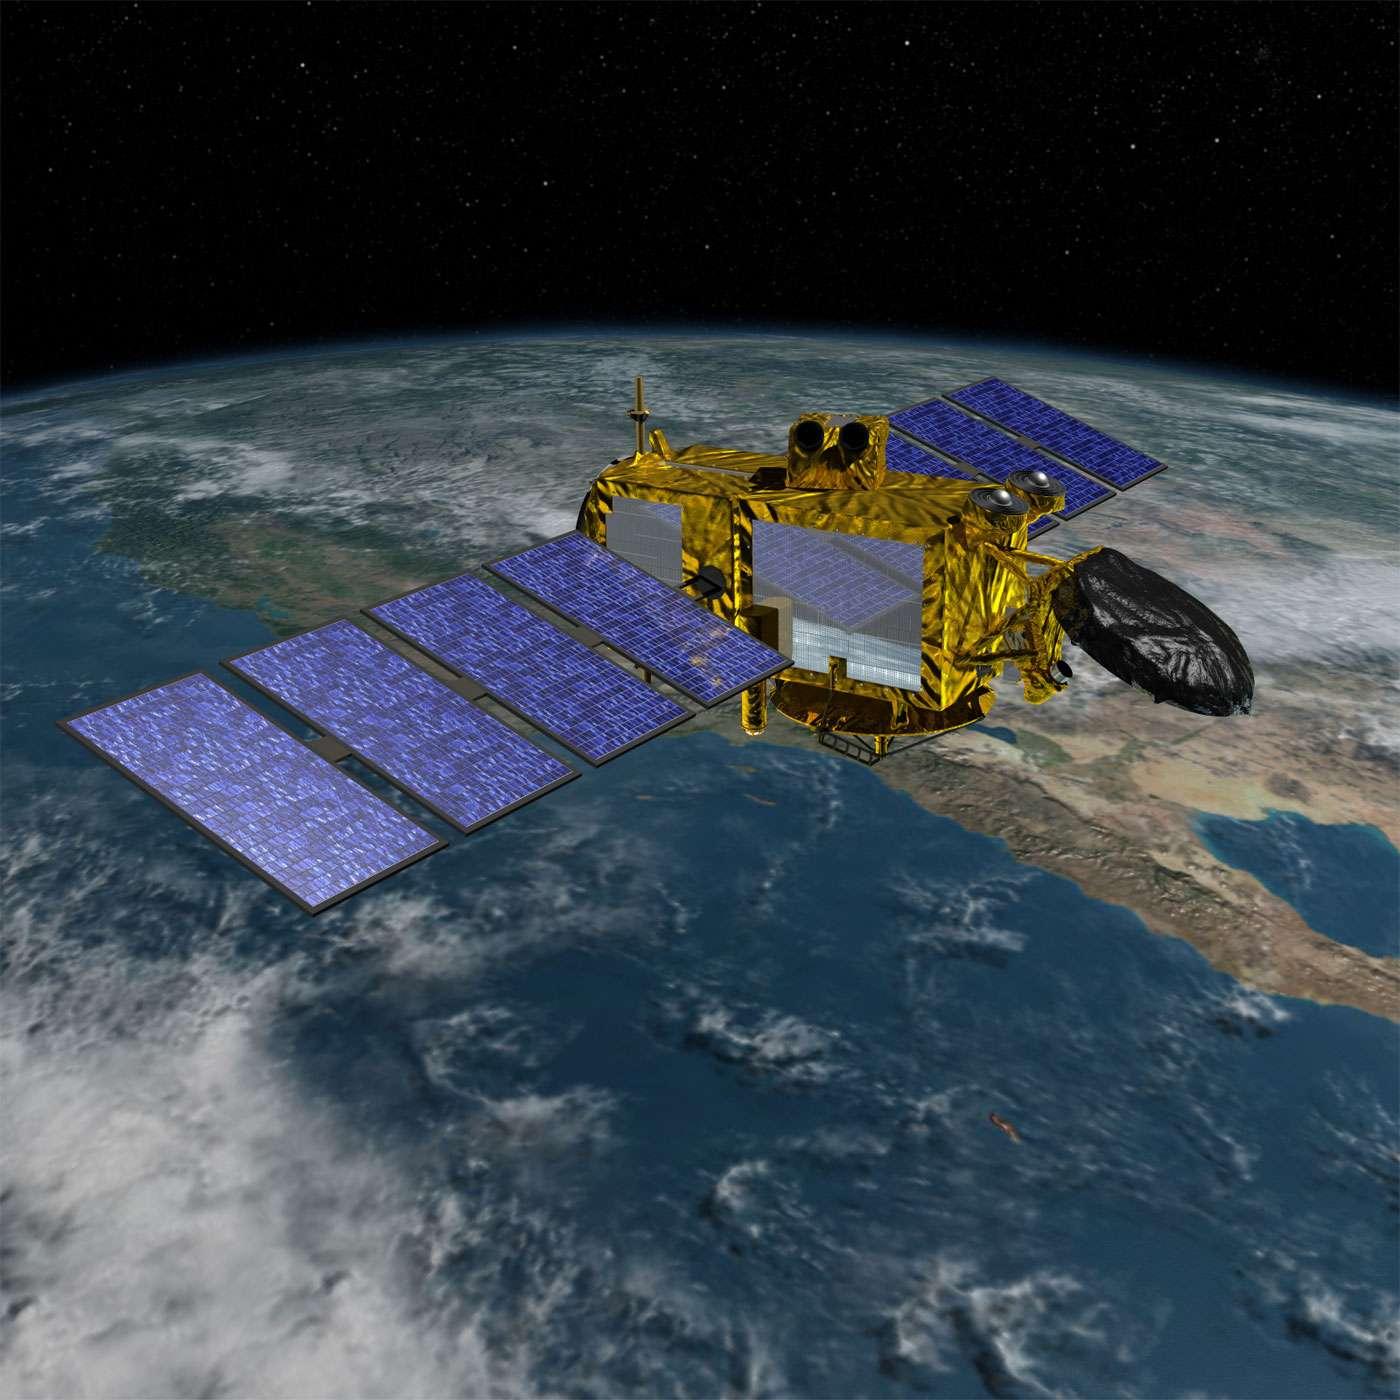 Le satellite océanographique Jason 3 sera le premier satellite du Cnes à être lancé en 2016. Son lancement par un Falcon 9 de SpaceX est prévu le 17 janvier. © Cnes